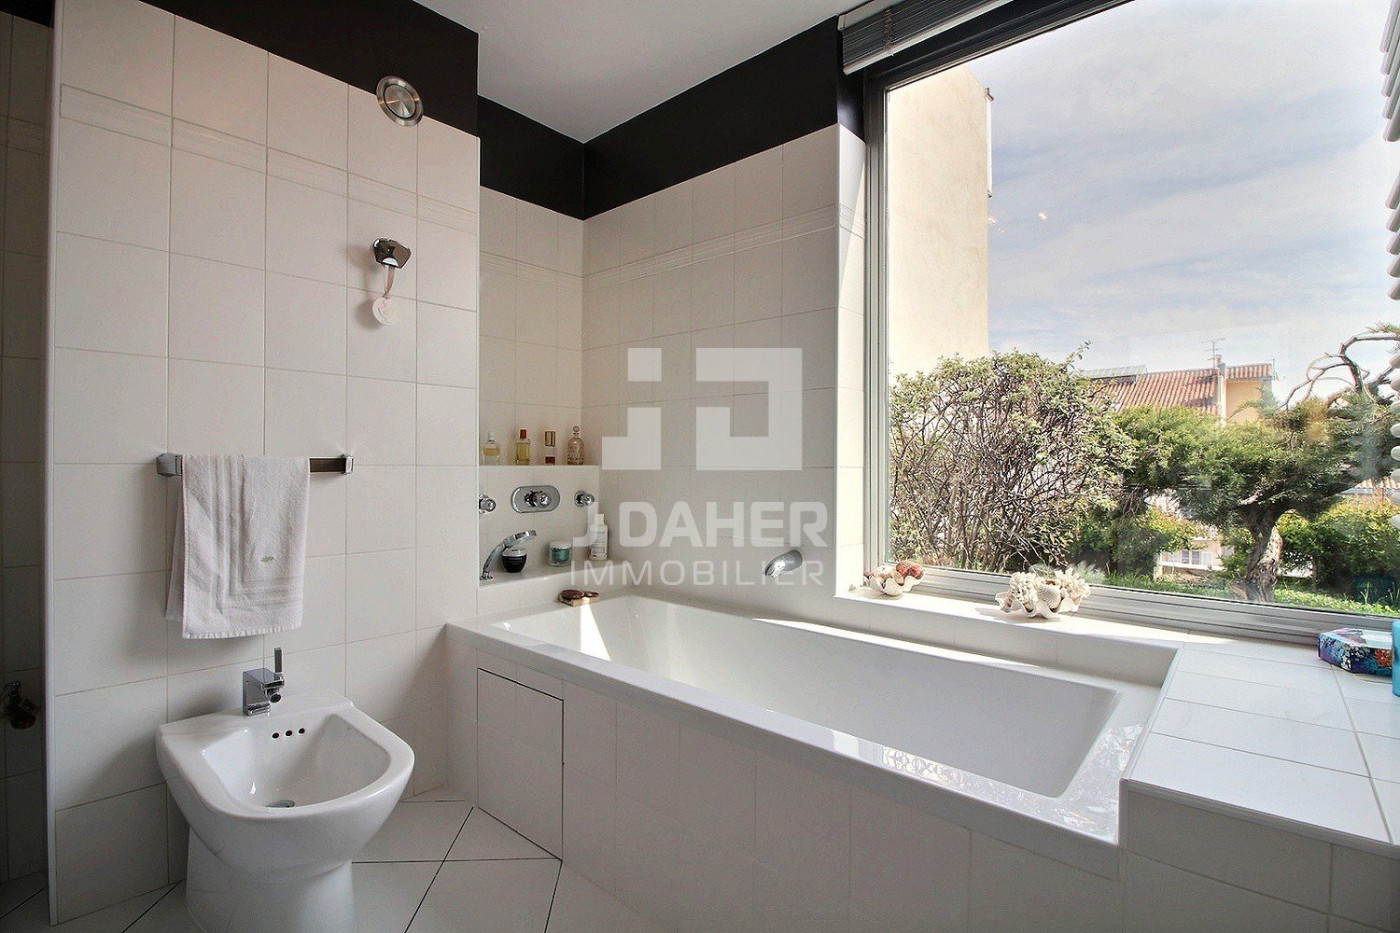 A vendre Marseille 8eme Arrondissement 13025776 J daher immobilier